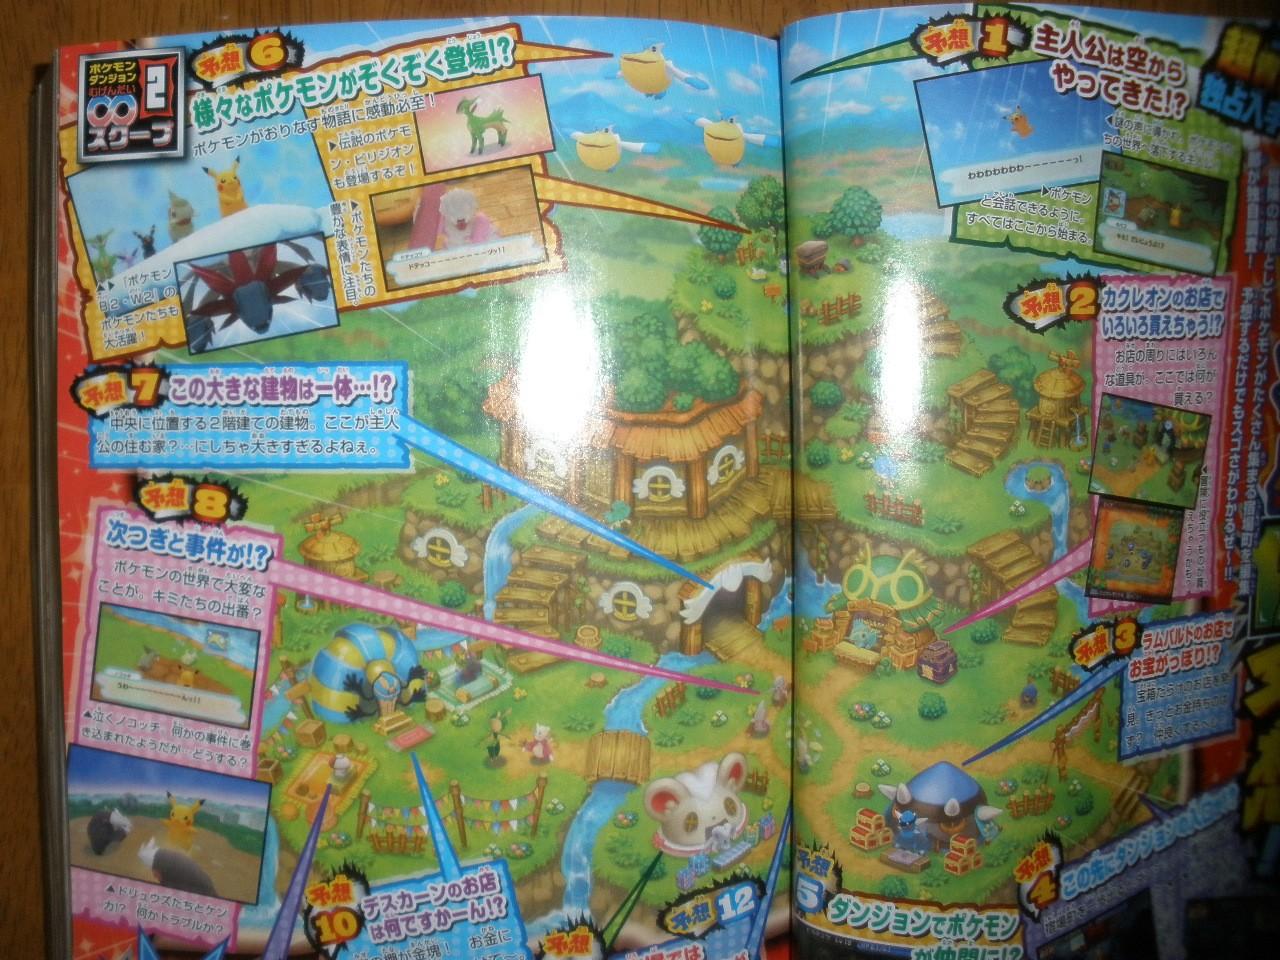 Photos pok mon donjon myst re les portes de l 39 infini - Pokemon donjon mystere porte de l infini ...